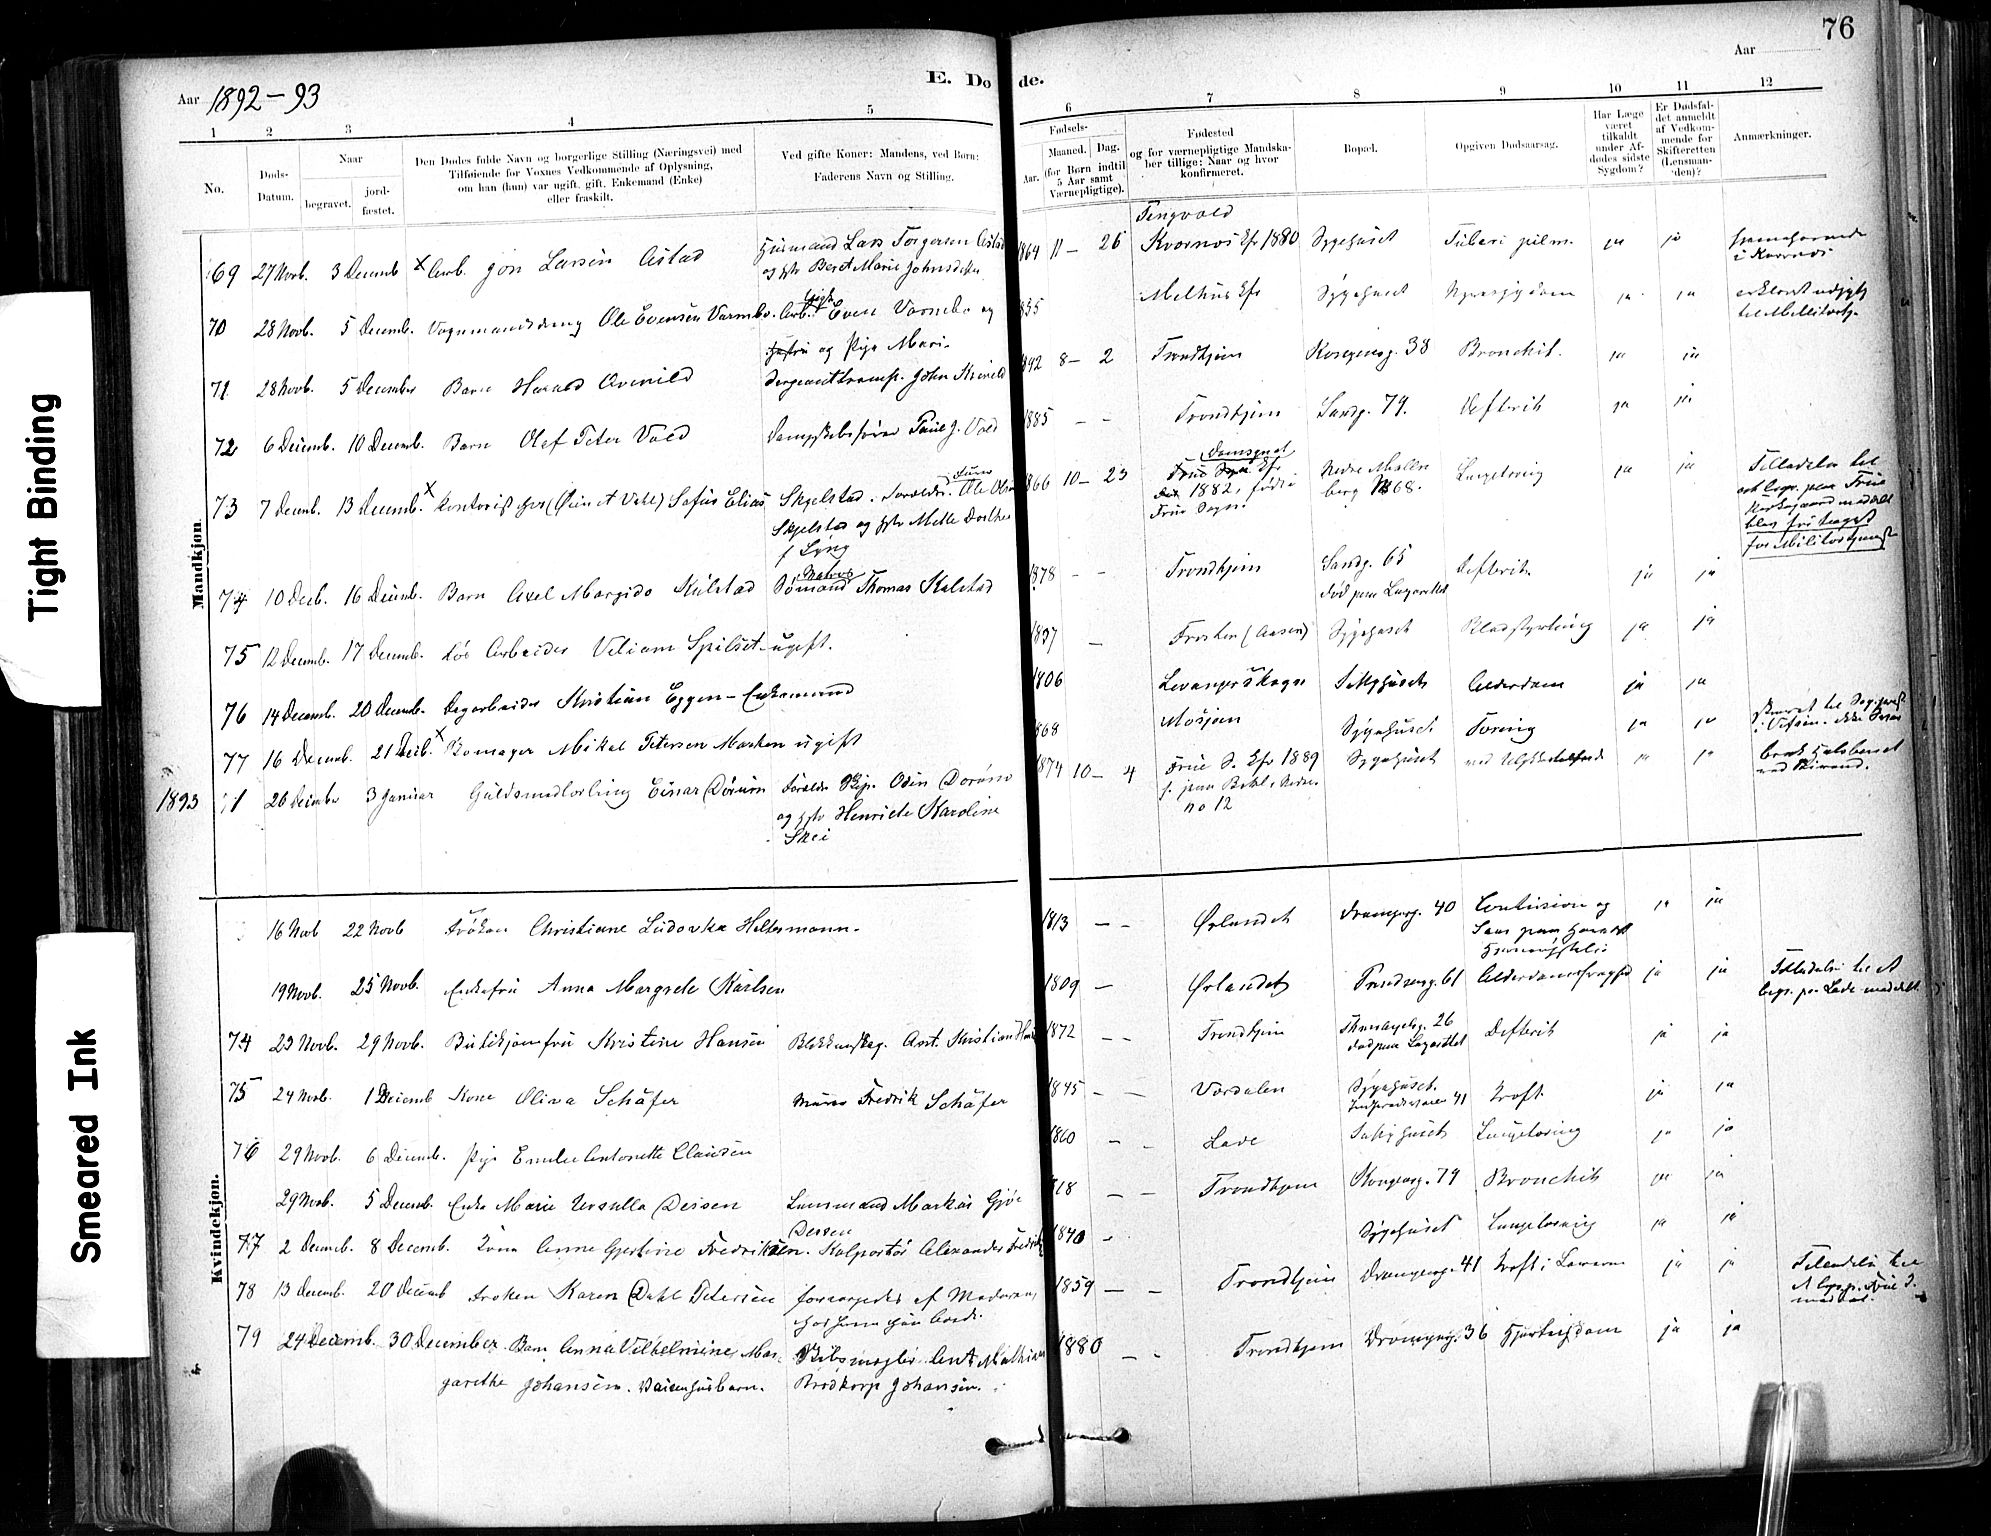 SAT, Ministerialprotokoller, klokkerbøker og fødselsregistre - Sør-Trøndelag, 602/L0120: Ministerialbok nr. 602A18, 1880-1913, s. 76